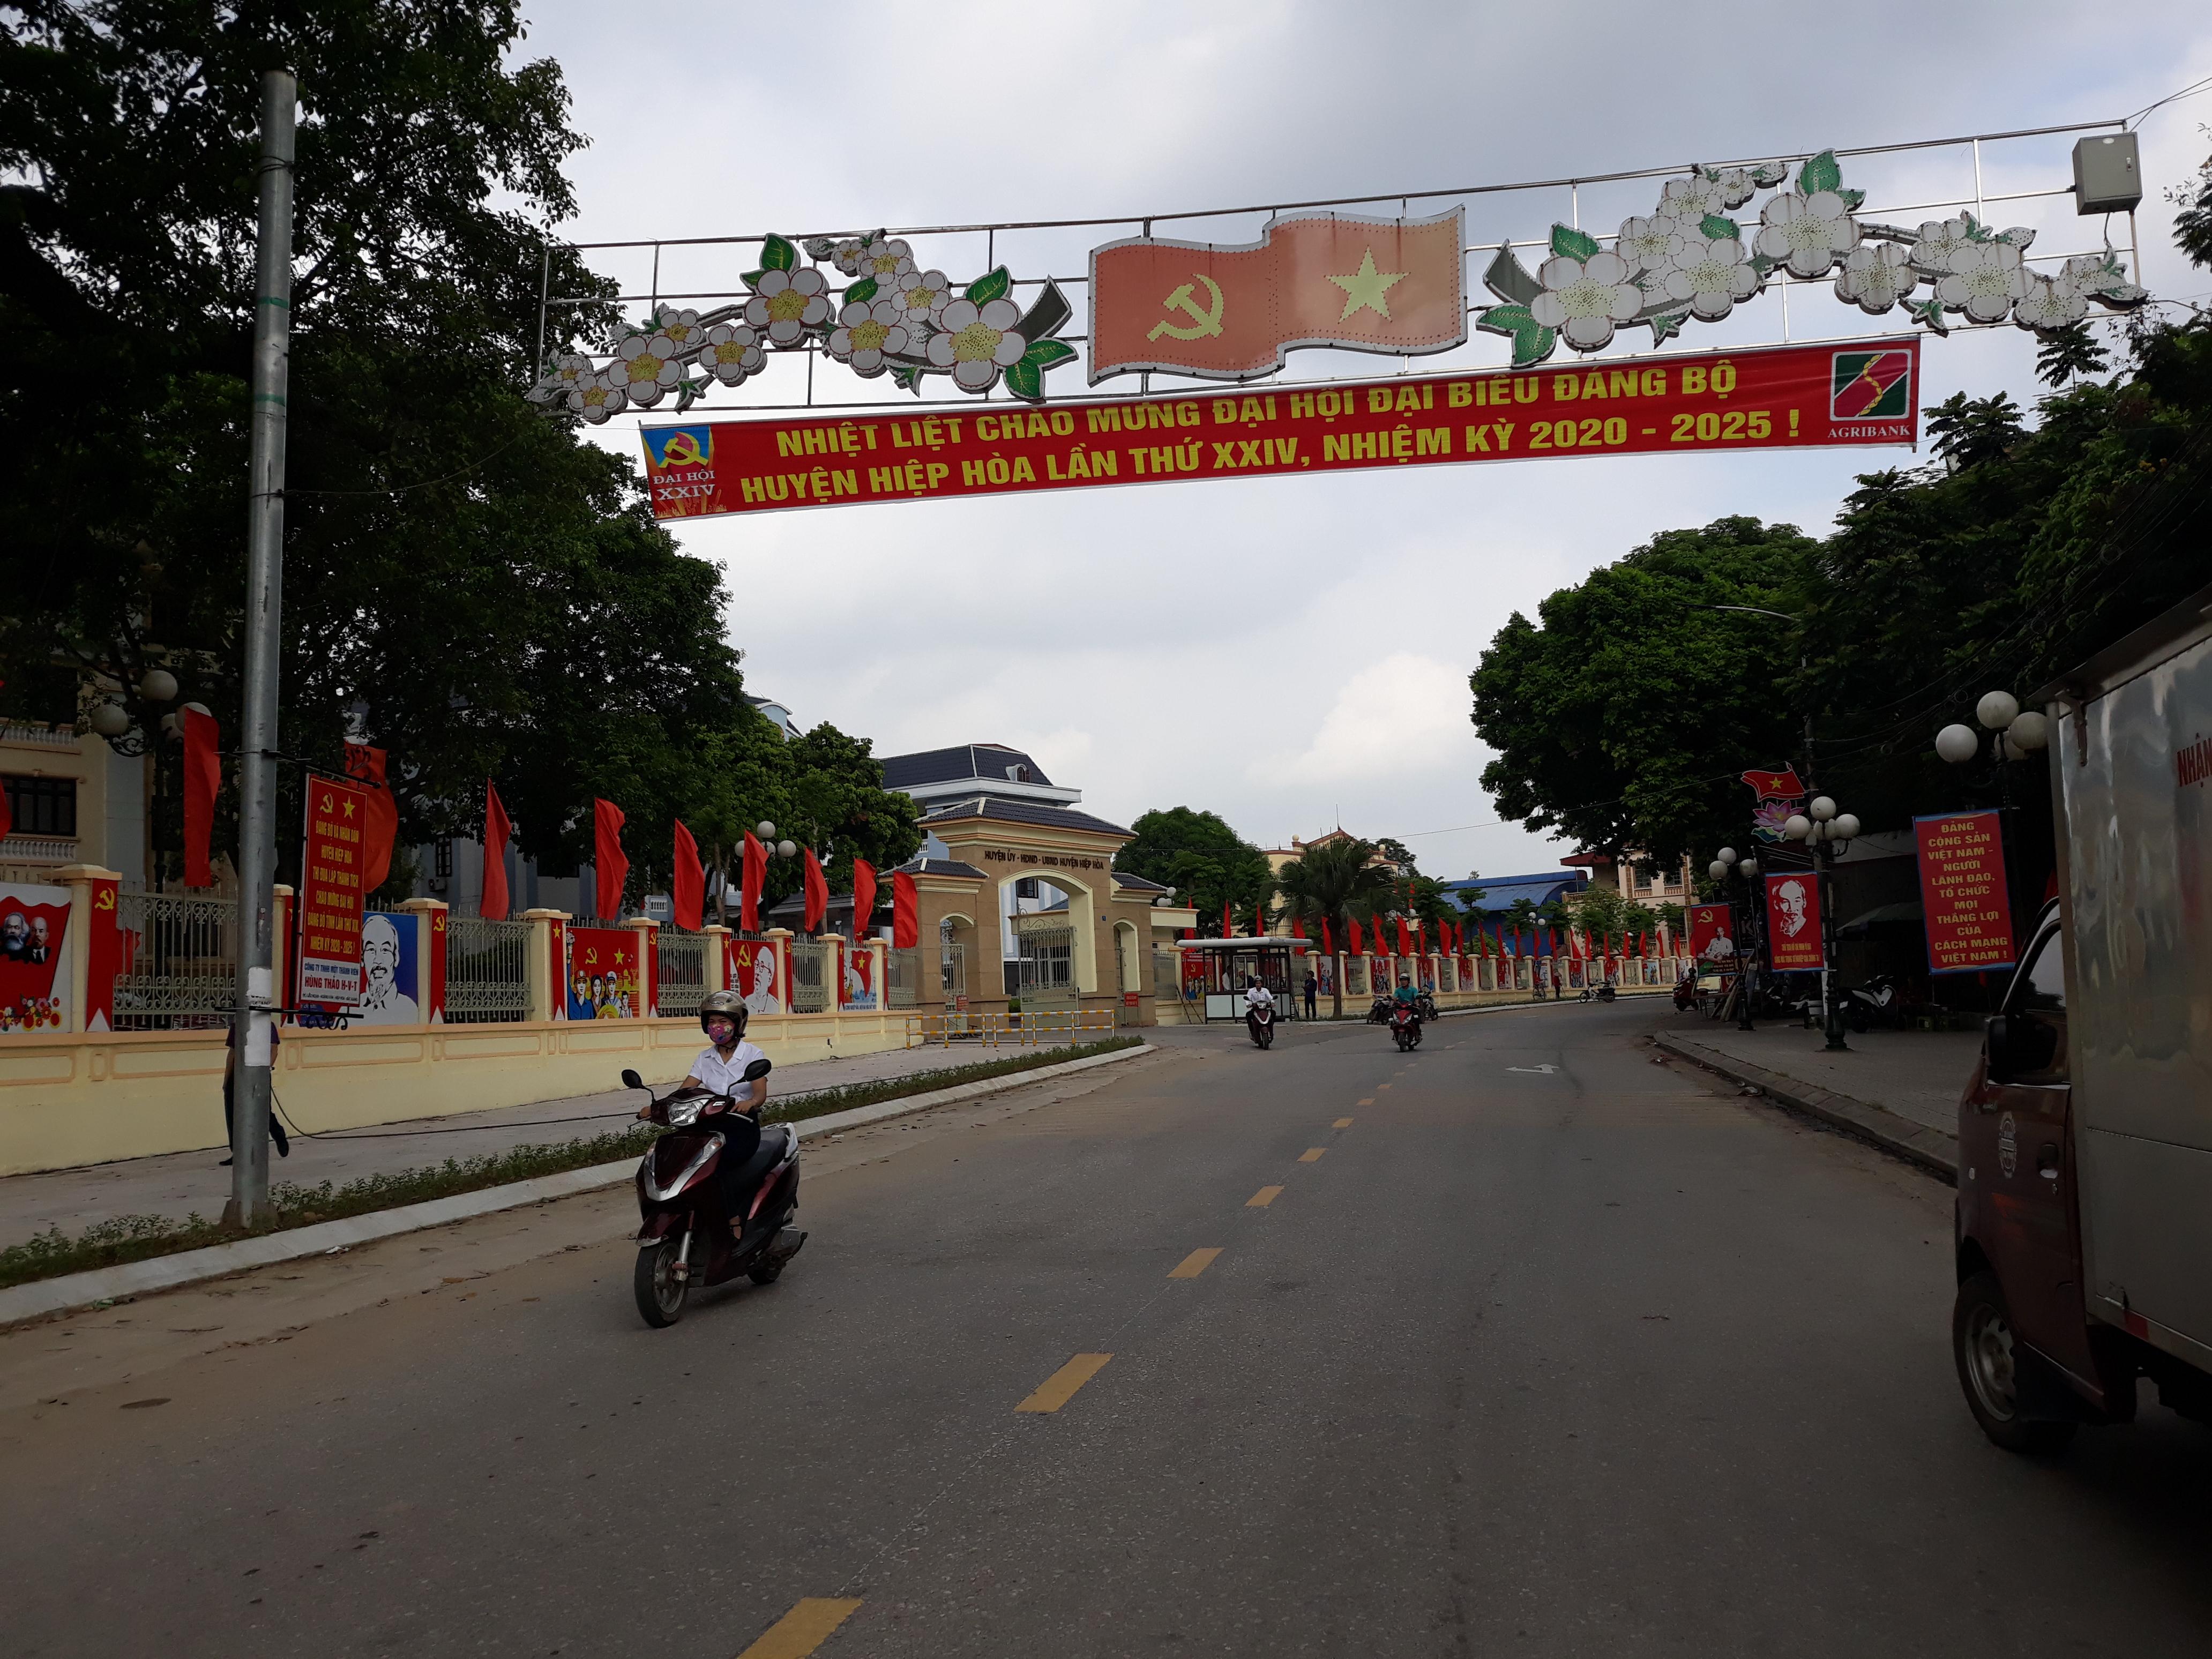 Huyện Hiệp Hòa - Bắc Giang: Sẵn sàng tổ chức Đại hội đại biểu Đảng bộ nhiệm kỳ 2020-2025 - Ảnh 1